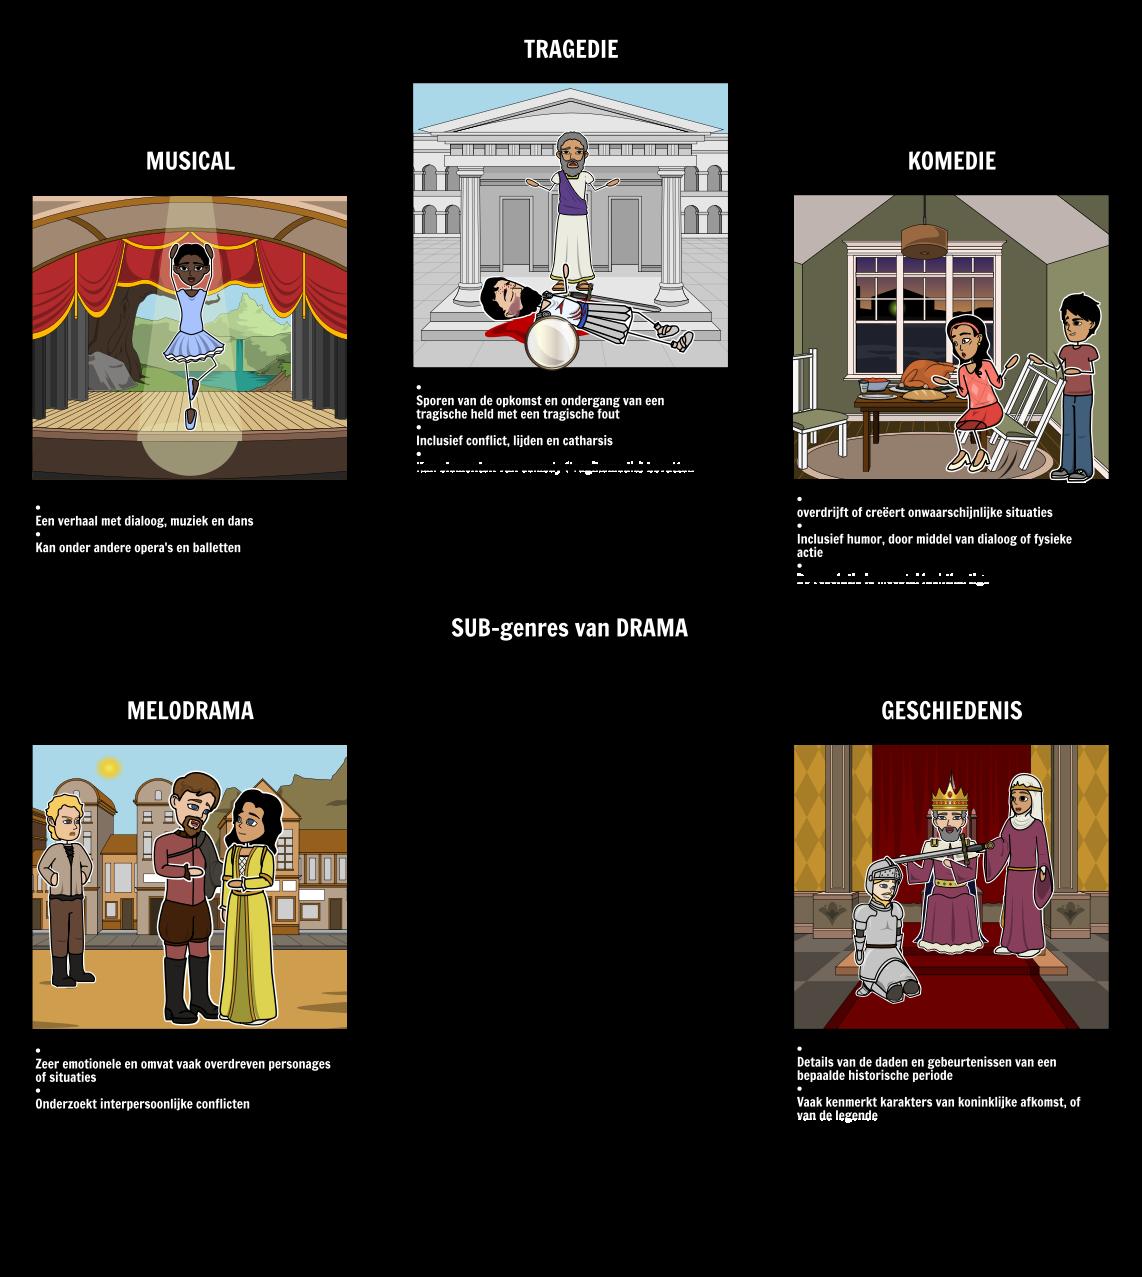 Sub-genres van Drama